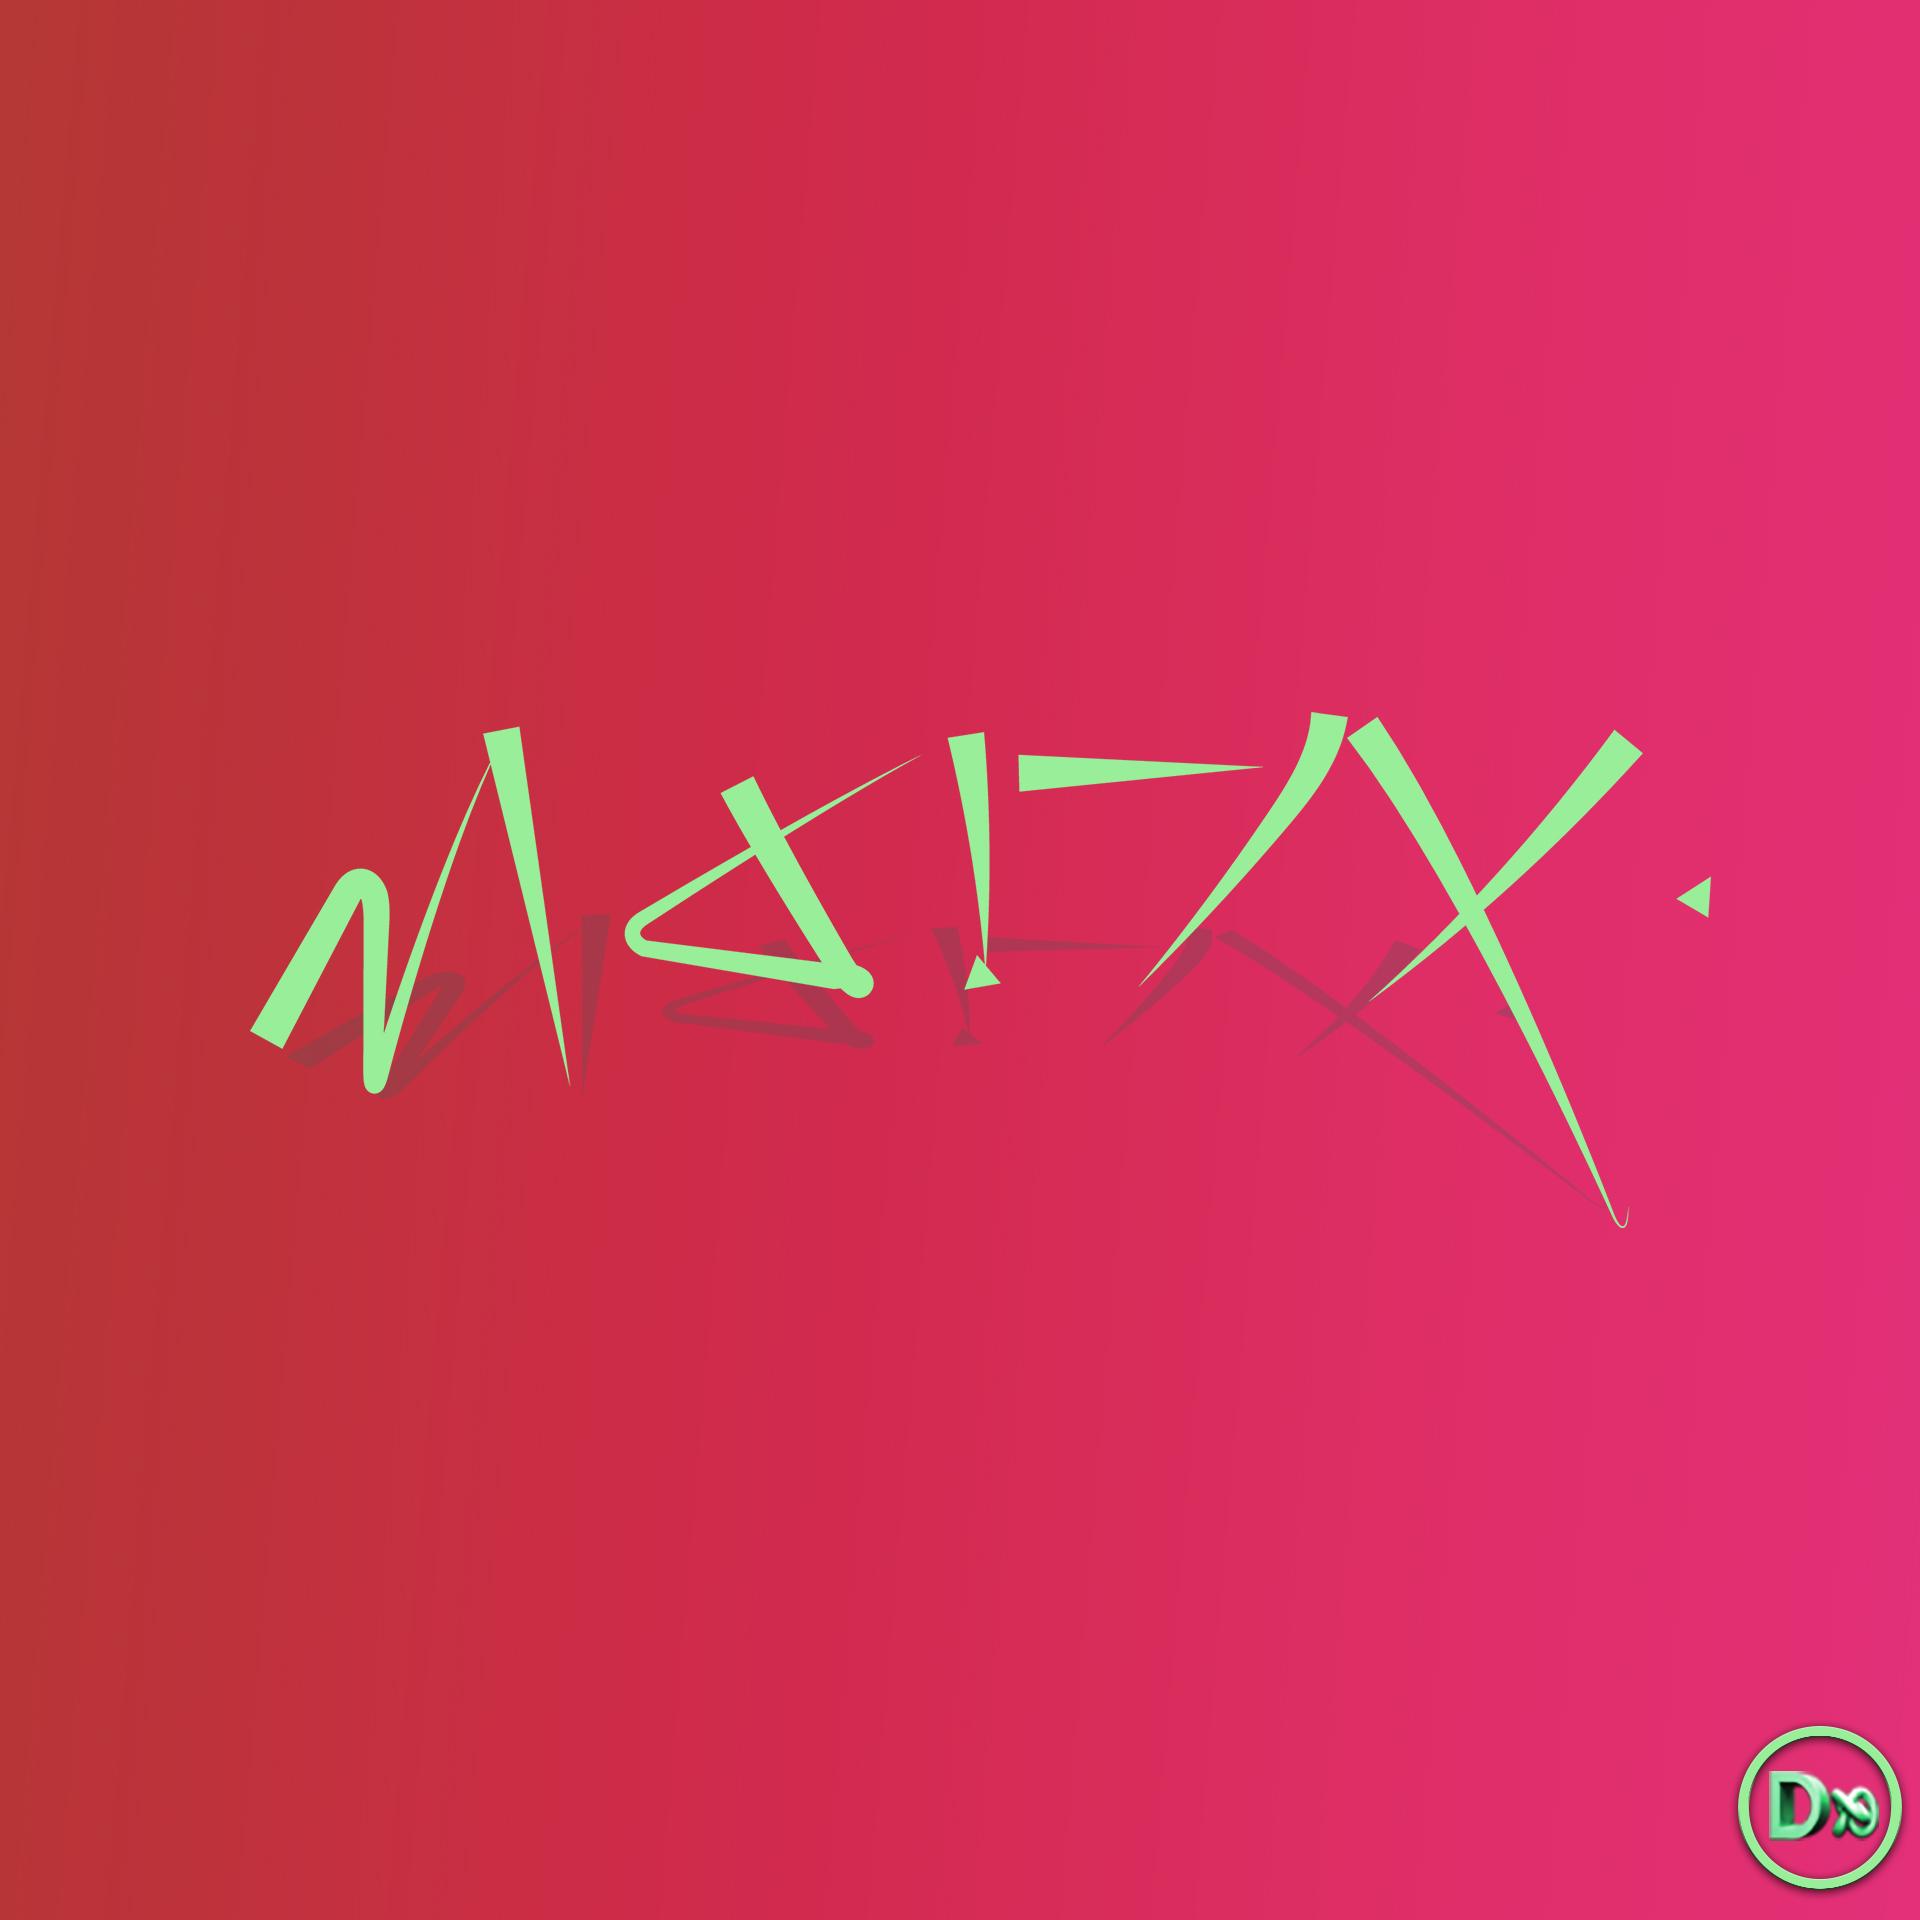 dxsigner - Graphiste, illustrateur, illustration, infographiste 3D - Création de design de logo pour entreprise, marque, produit pour un groupe de musique - Artiste musical - poète - chanteur - electro - pop - Bretagne - Finistère - livre - Brest - Morlaix - Quimper - Logo Marix 001 - Pochette de disque - CD Vinyle - cover musique - music - 3D - Directeur Artistique- Bretagne - Finistère - Brest - Morlaix - Quimper - Logo Marix 001 -